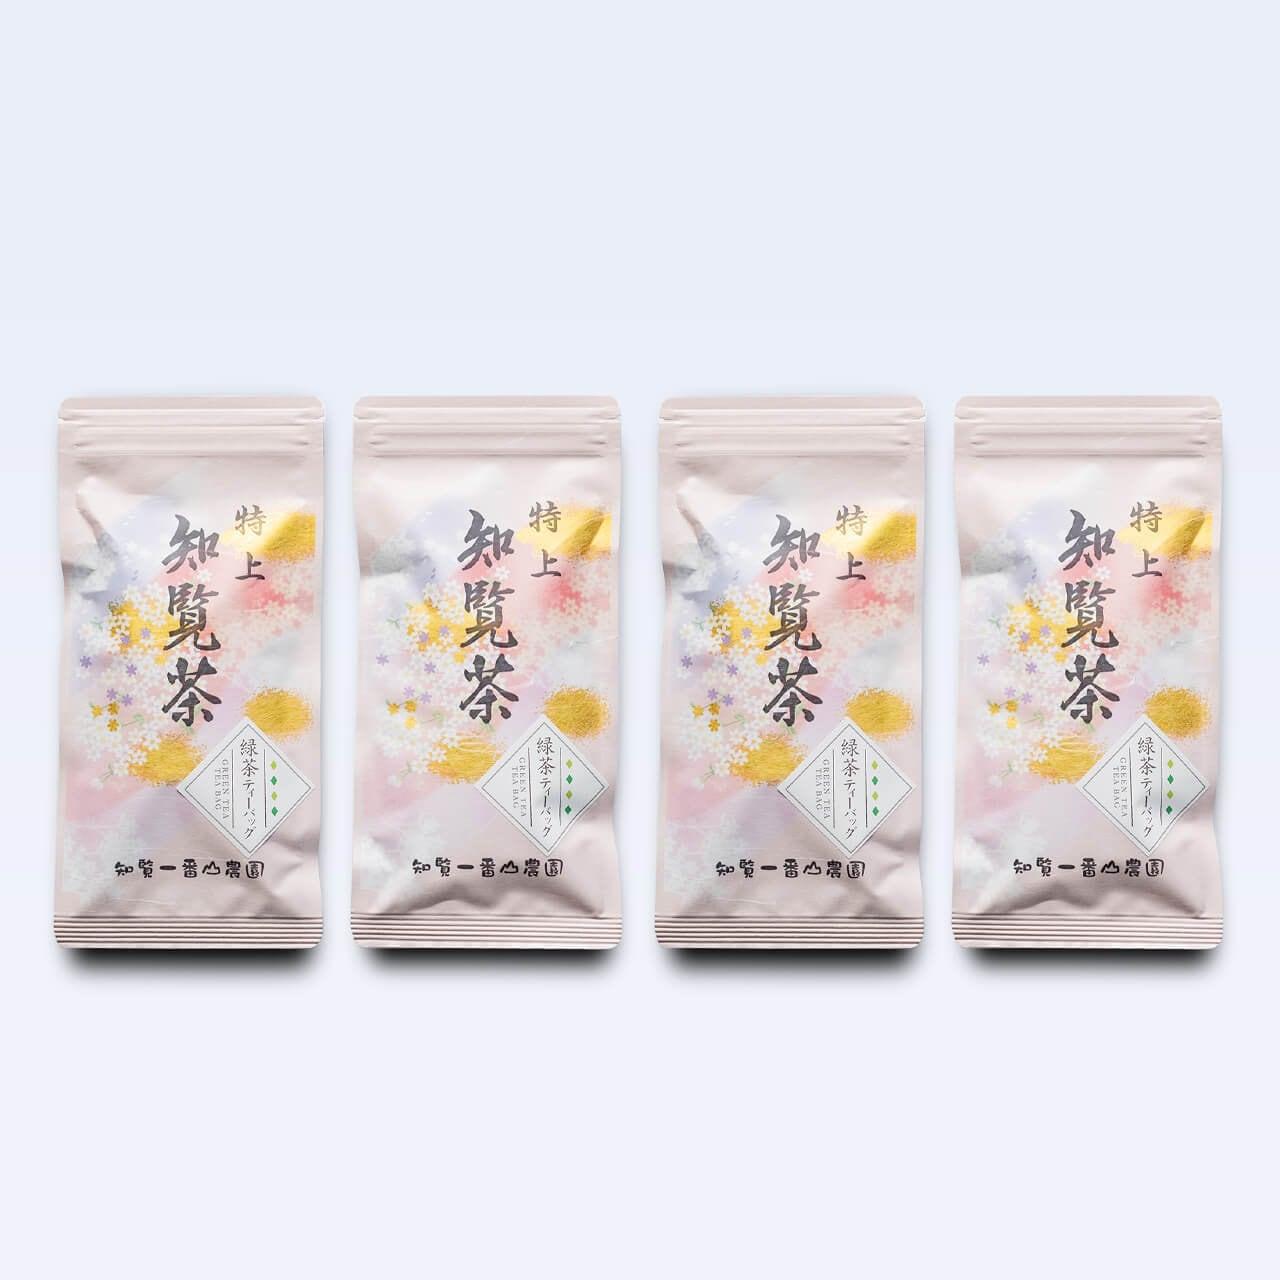 特上知覧茶ティーバッグ【チャック付袋入り・50g(5g×10個)×4本】